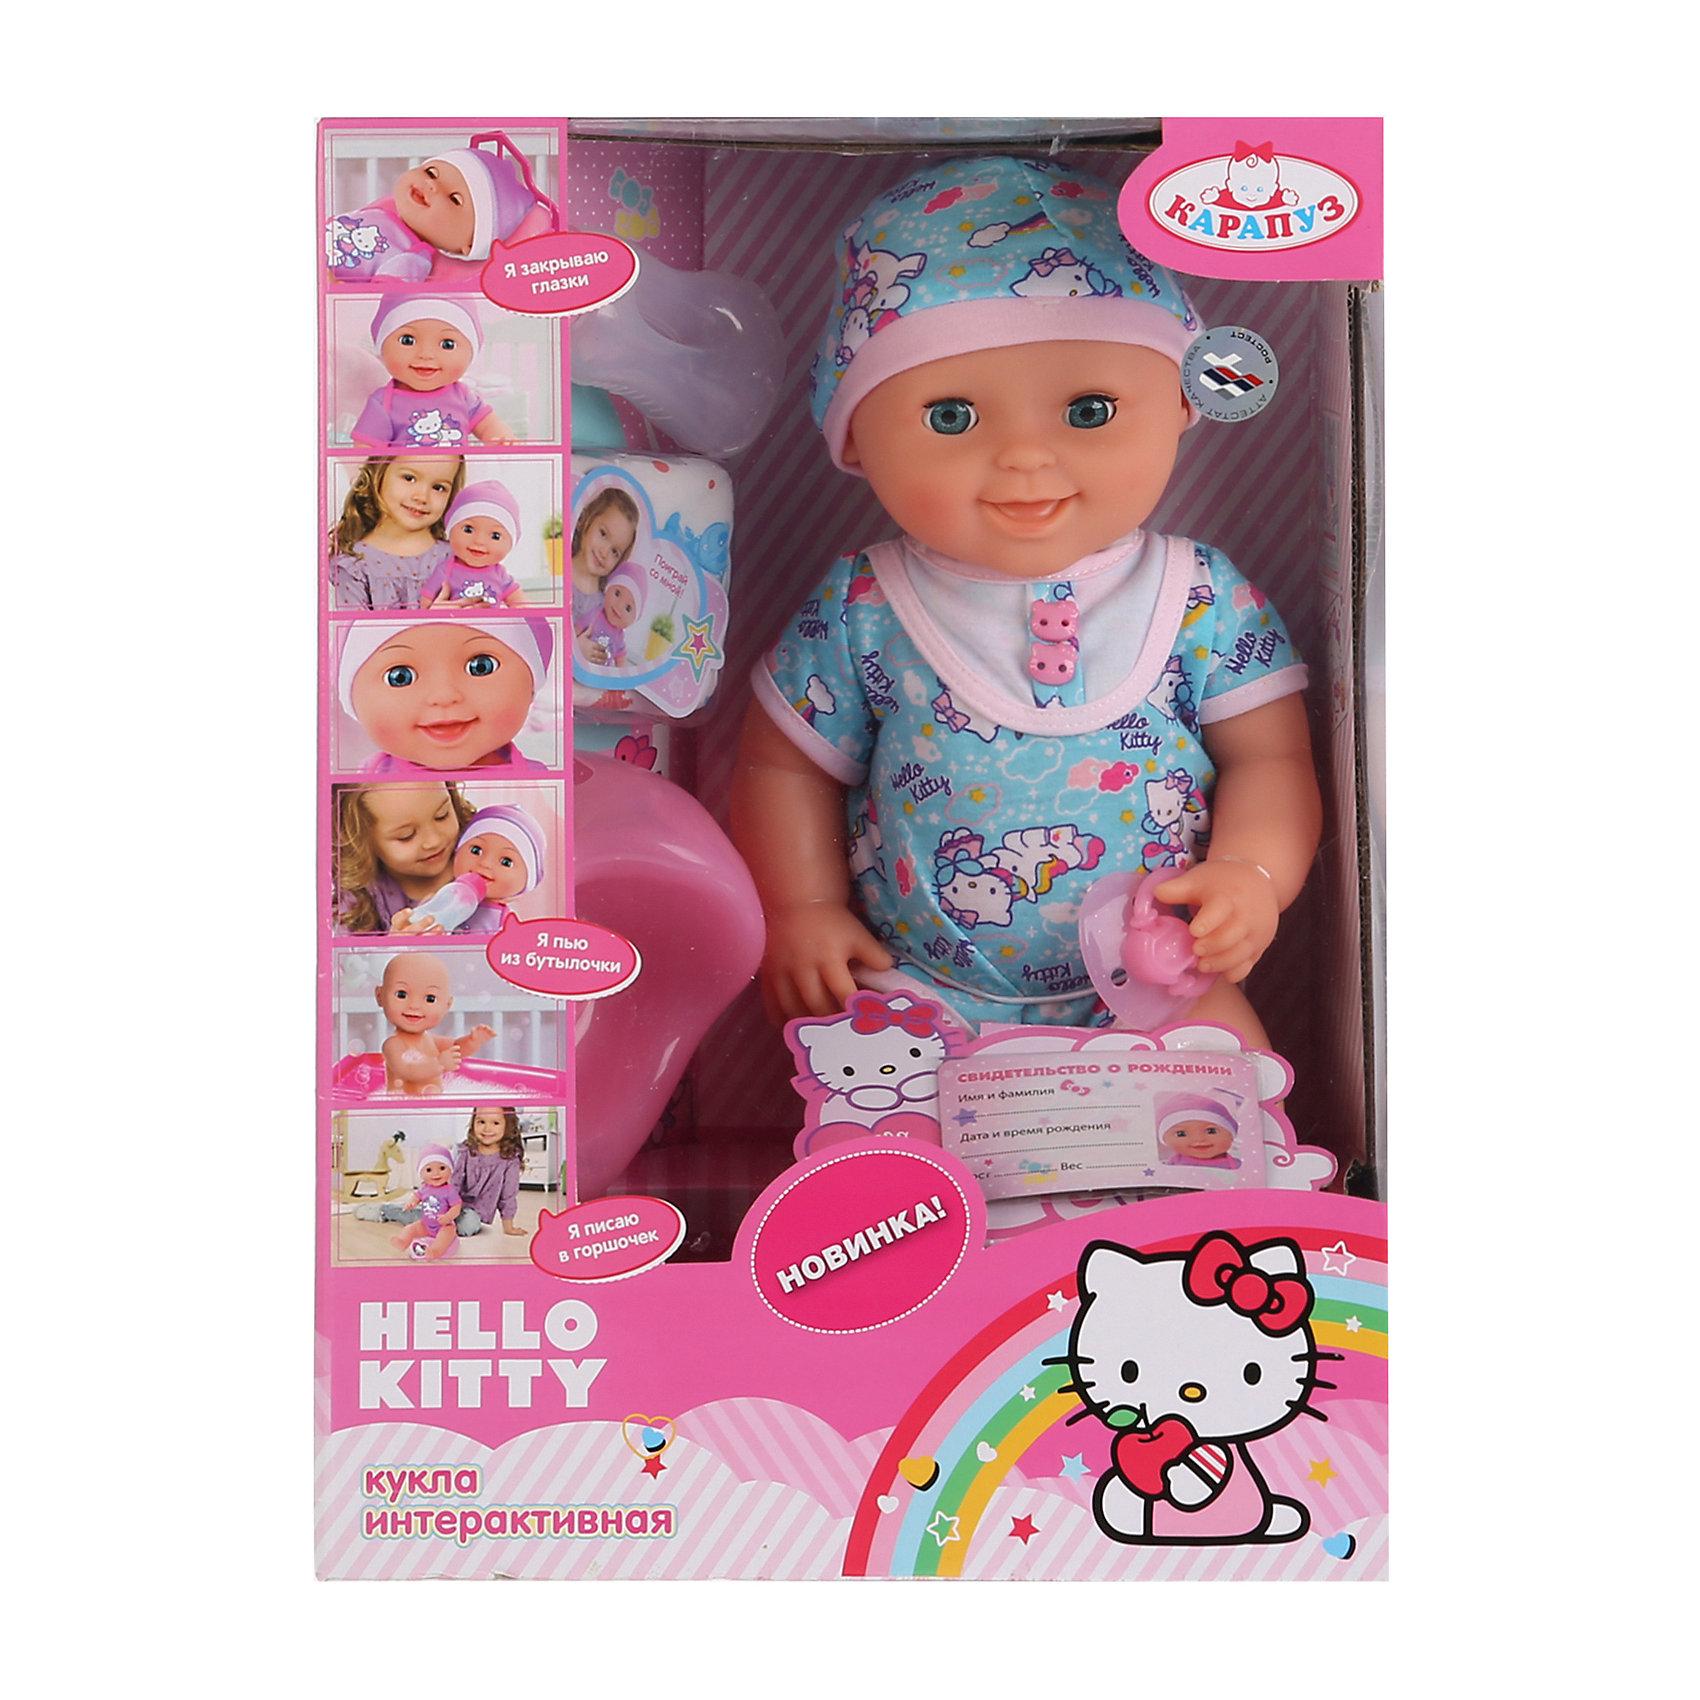 Пупс Hello Kitty, 40см, 3 функции, КарапузПупс Hello Kitty,3 функции станет отличным подарком для маленькой девочки. Игра с таким пупсом будет достаточно реалистичной, благодаря функциям куклы. Кукла сможет пить из бутылочки, а затем пописать в горшок или подгузник. Игра с пупсом научит девочку заботиться о младших и позволит чувствовать себя уже совсем взрослой и самостоятельной. <br><br>В комплект входит:<br>-кукла в комбинезоне и шапочке<br>-бутылочка <br>-горшок<br>-соска<br>-подгузник<br><br>Дополнительная информация:<br>-Возраст: от 3 лет<br>-Высота: 40 см<br>-Вес: 1,23 кг<br>-Марка: Карапуз<br><br>Пупс Hello Kitty, 40см, 3 функции, Карапуз можно приобрести в нашем интернет-магазине.<br><br>Ширина мм: 160<br>Глубина мм: 280<br>Высота мм: 390<br>Вес г: 1230<br>Возраст от месяцев: 36<br>Возраст до месяцев: 2147483647<br>Пол: Женский<br>Возраст: Детский<br>SKU: 5002202